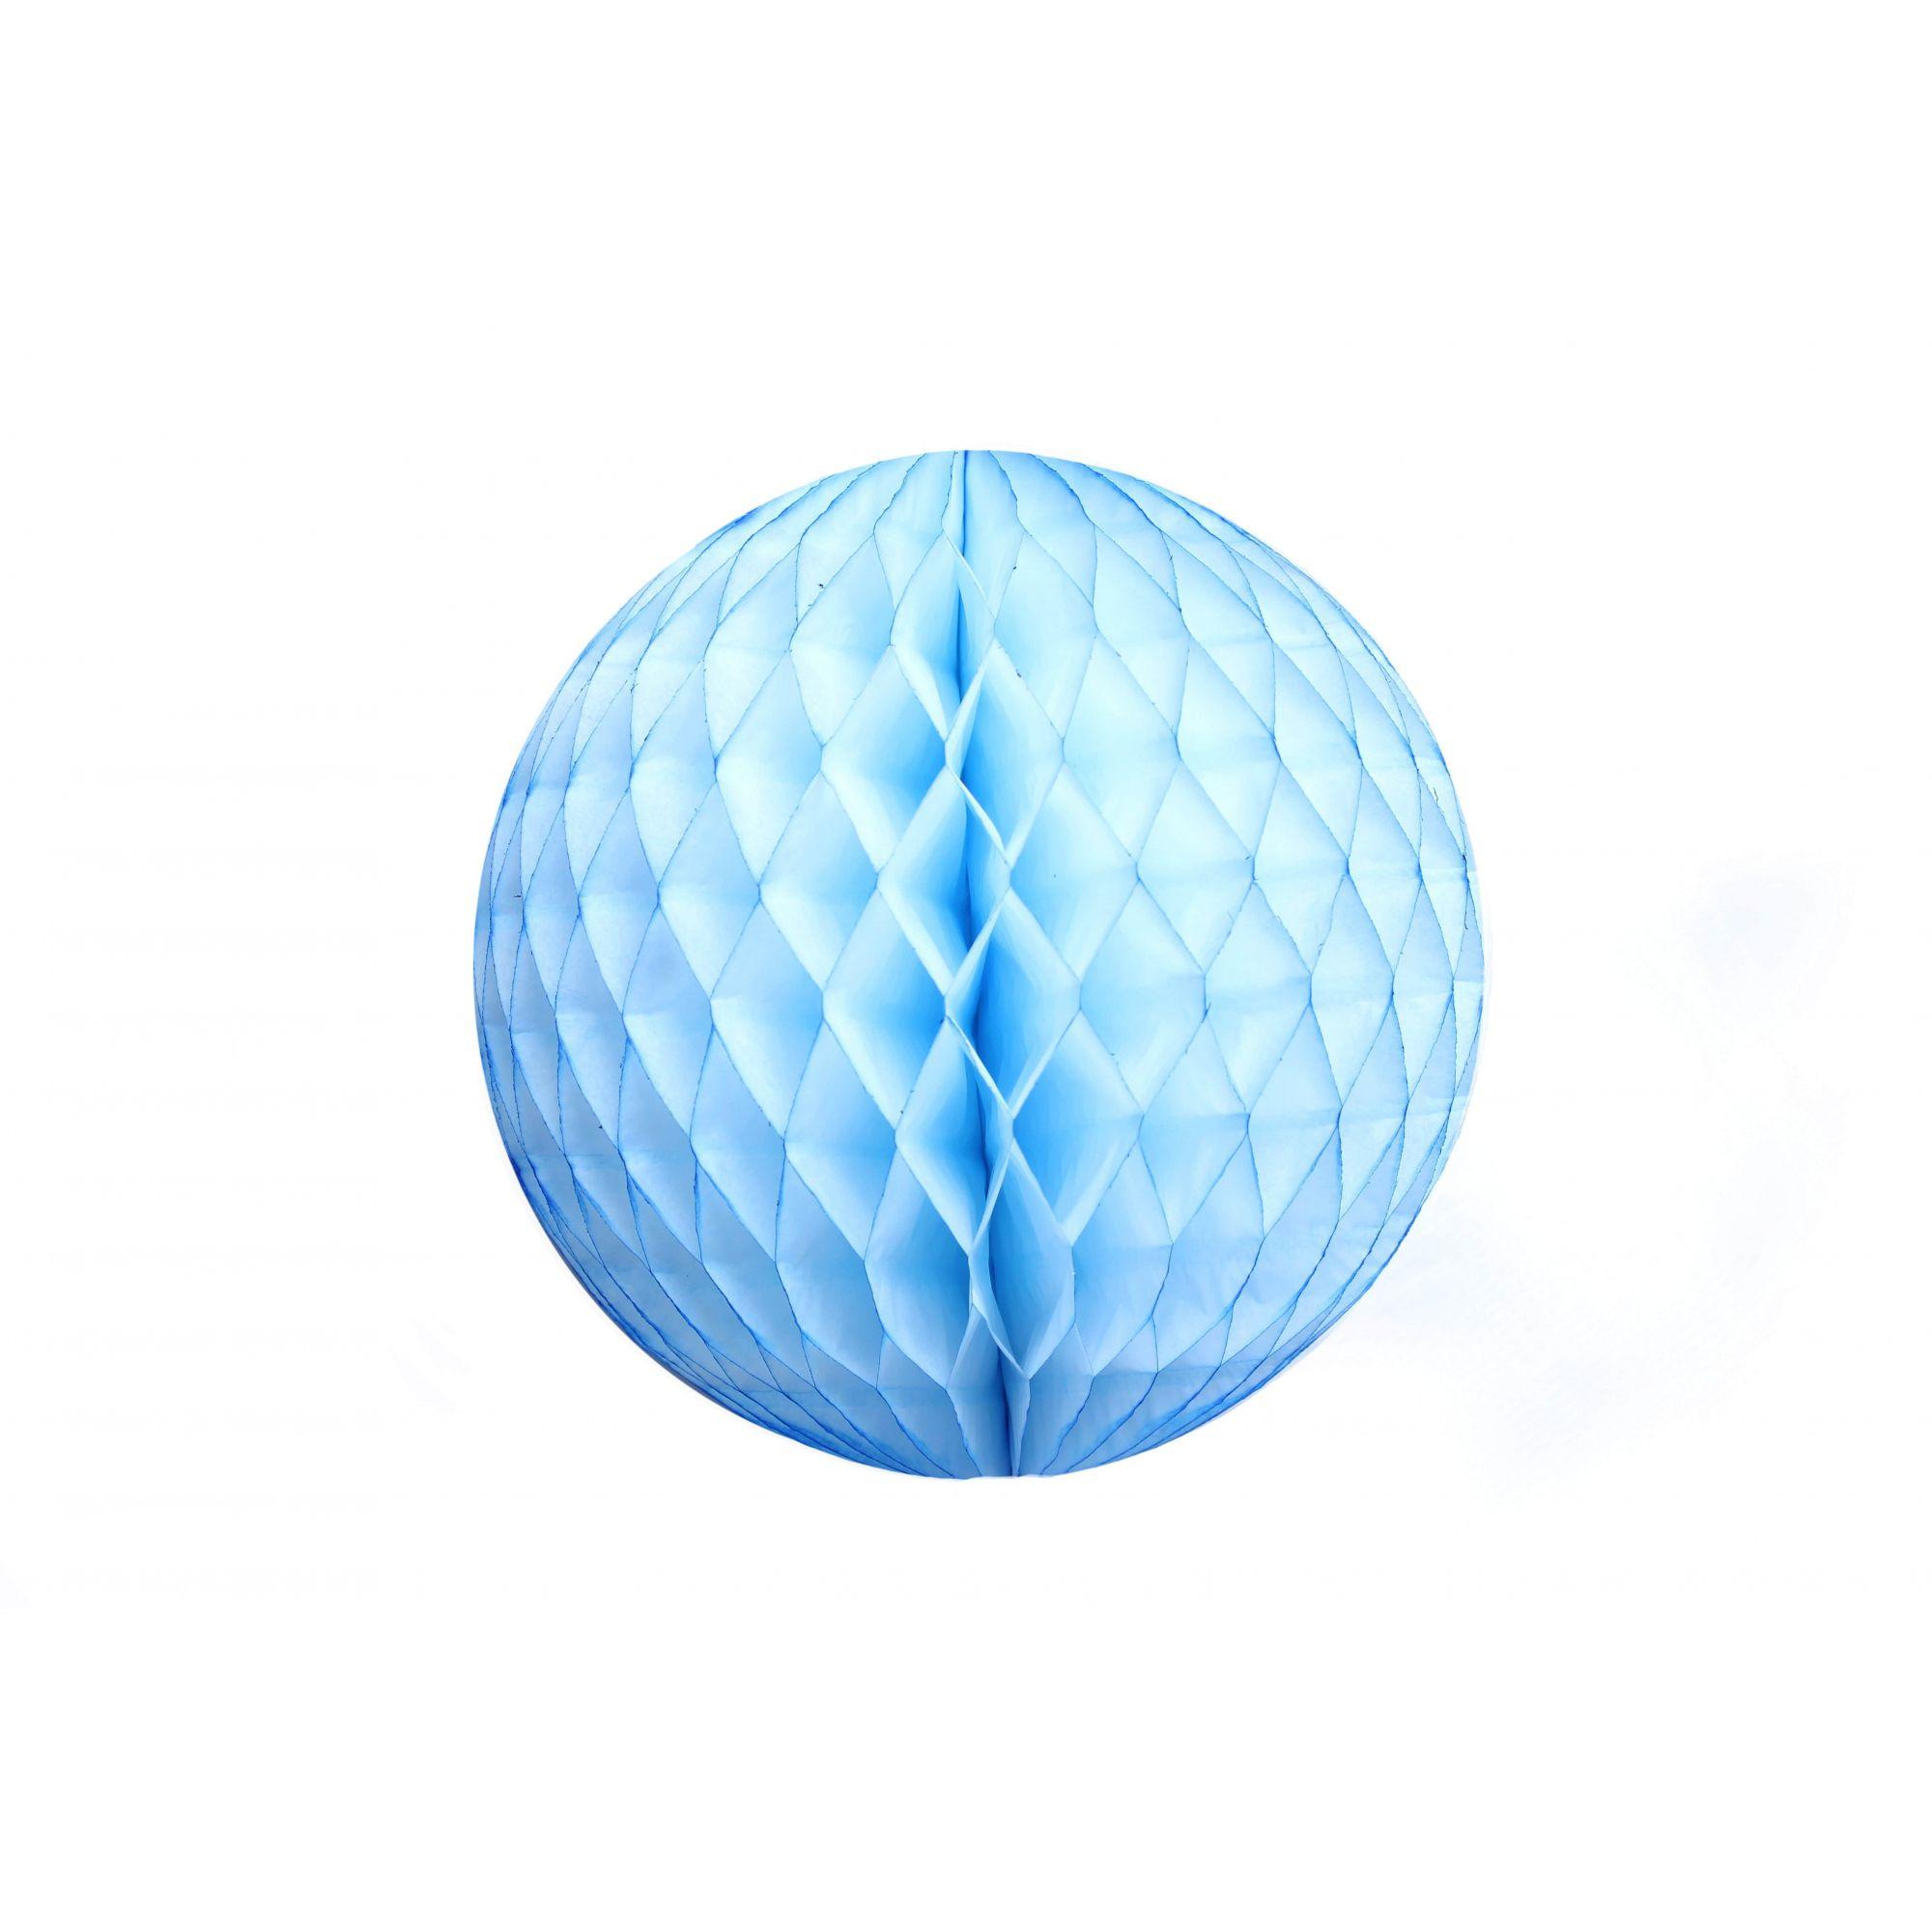 Balão GLOBO Bola de Papel de seda Cor Azul Claro GiroToy Enfeites